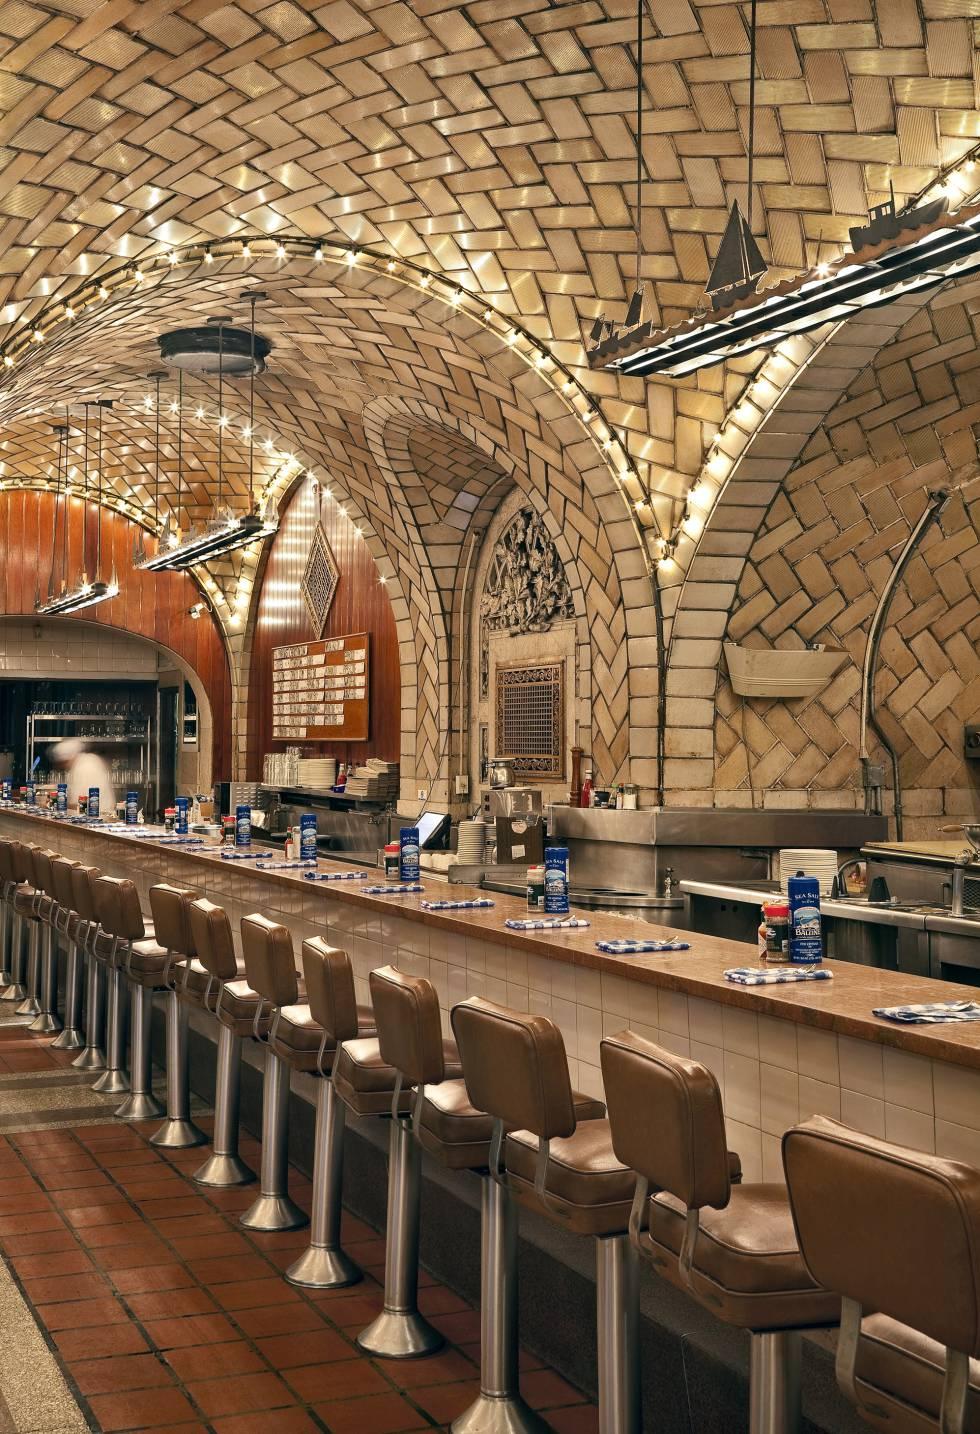 El Oyster Bar de la Grand Central Station de Nueva York.